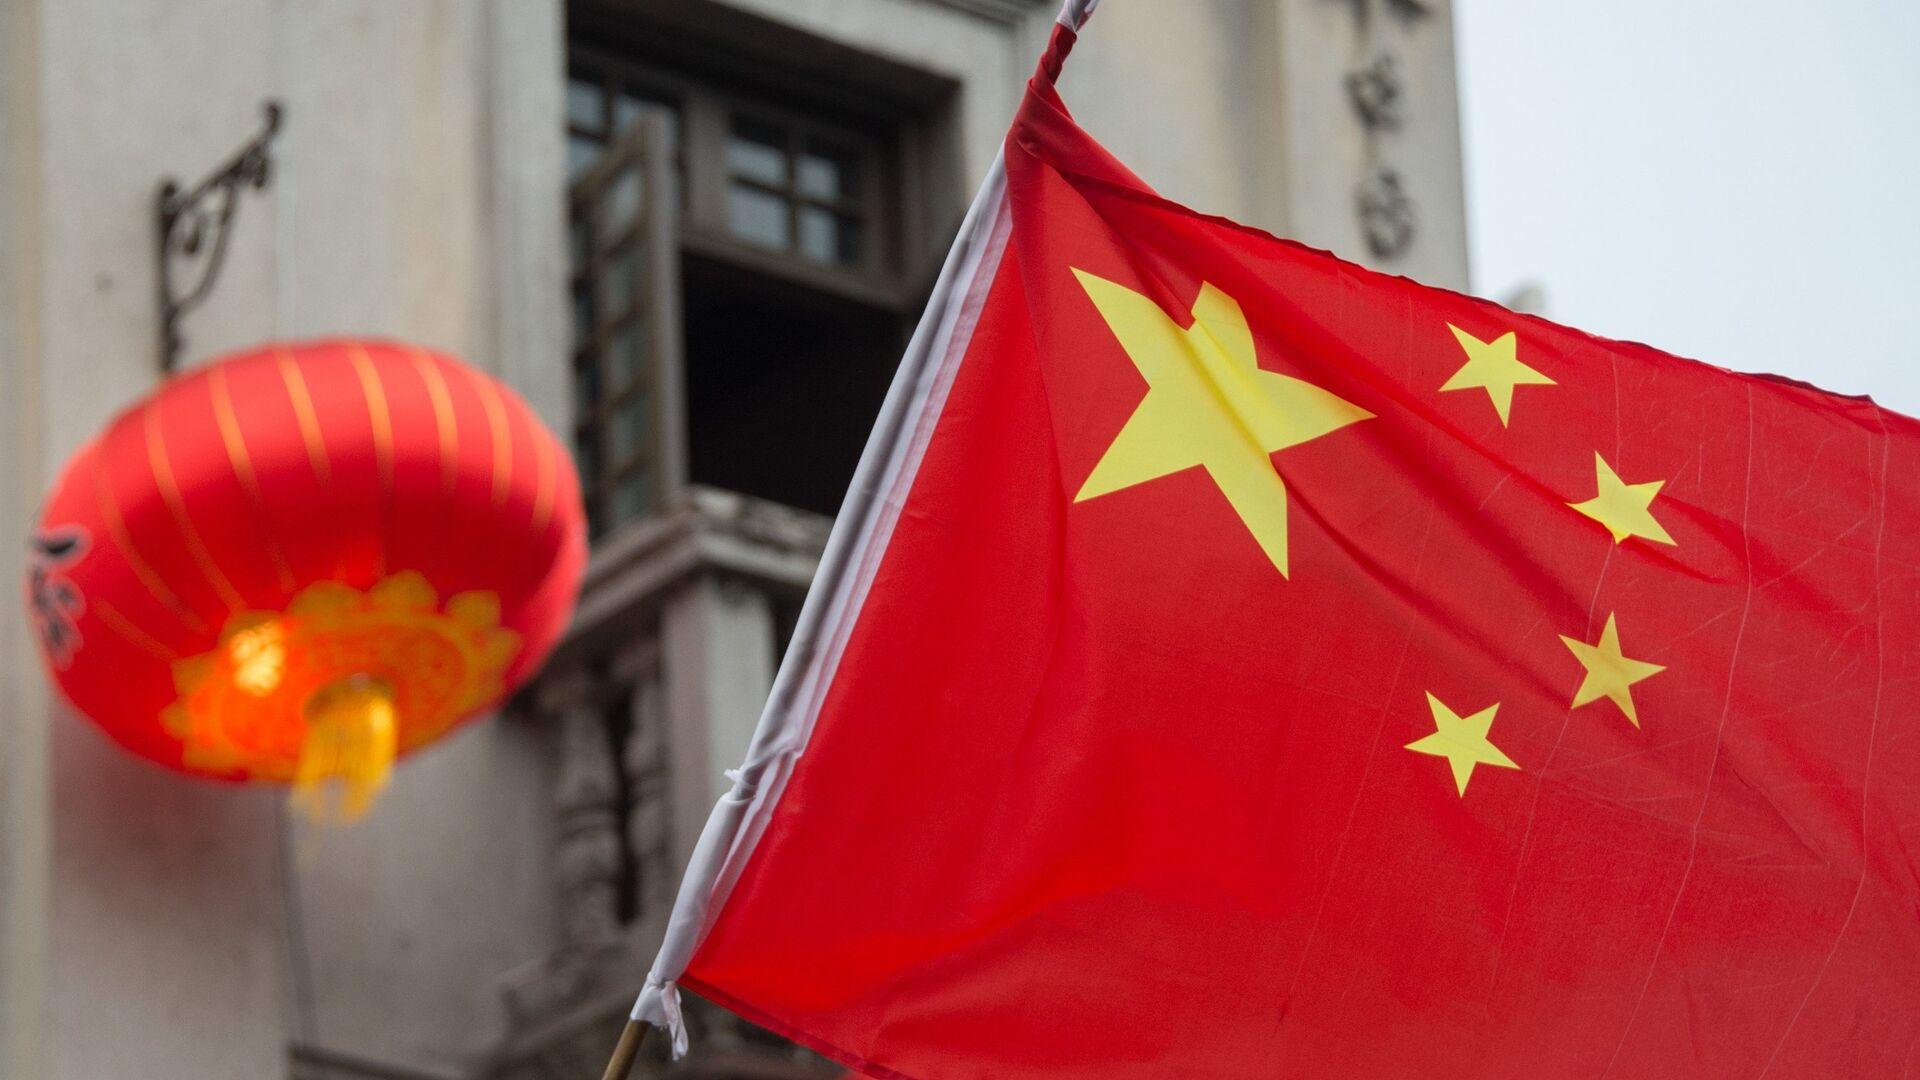 Флаг Китая на пешеходной на улице Хэфан в городе Ханчжоу в КНР - РИА Новости, 1920, 16.09.2021